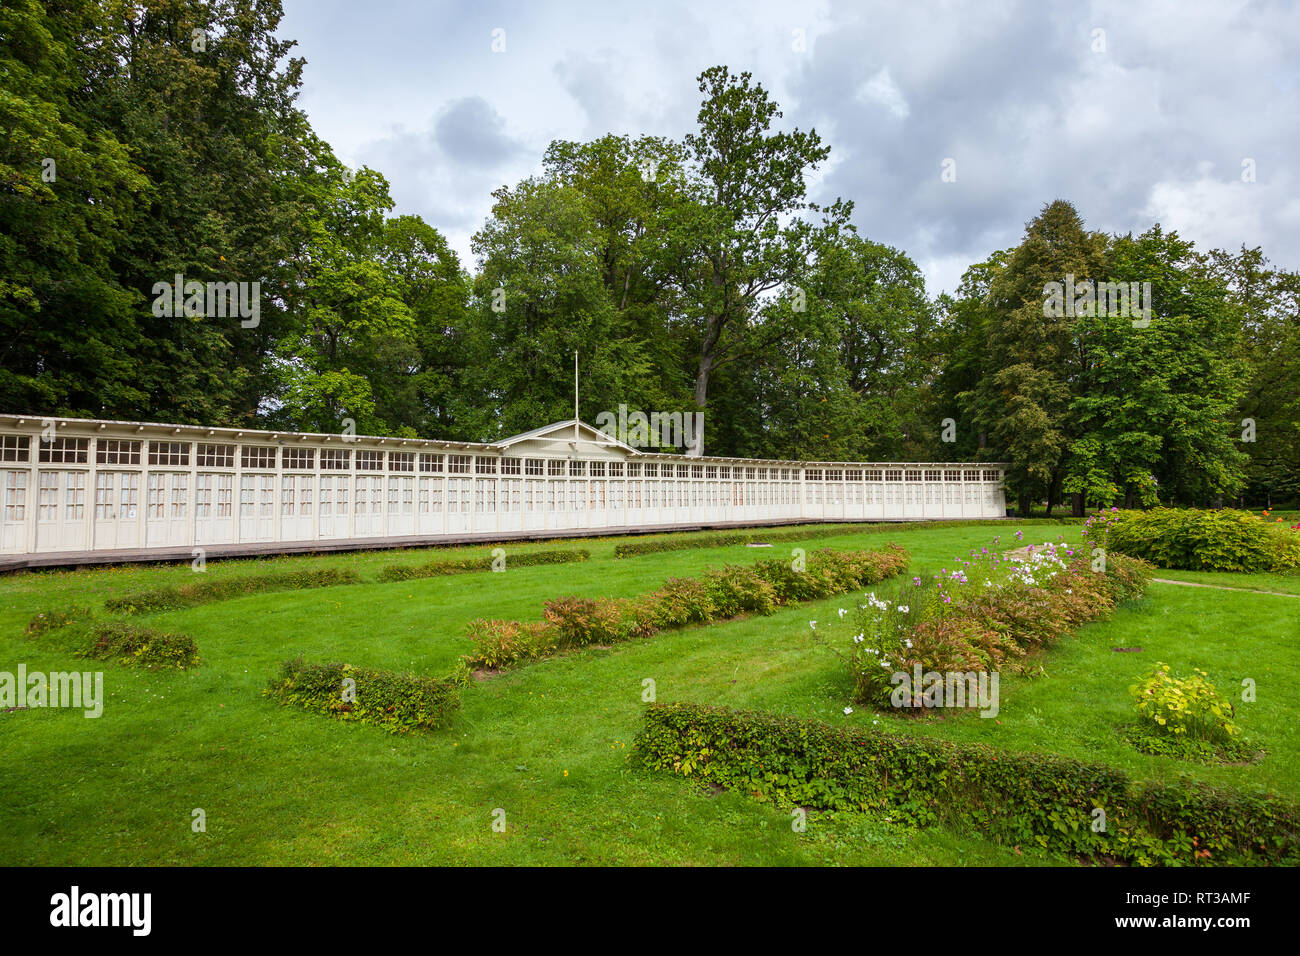 Summer houses of rehabilitation center in Krimulda manor, Sigulda Latvia. Stock Photo